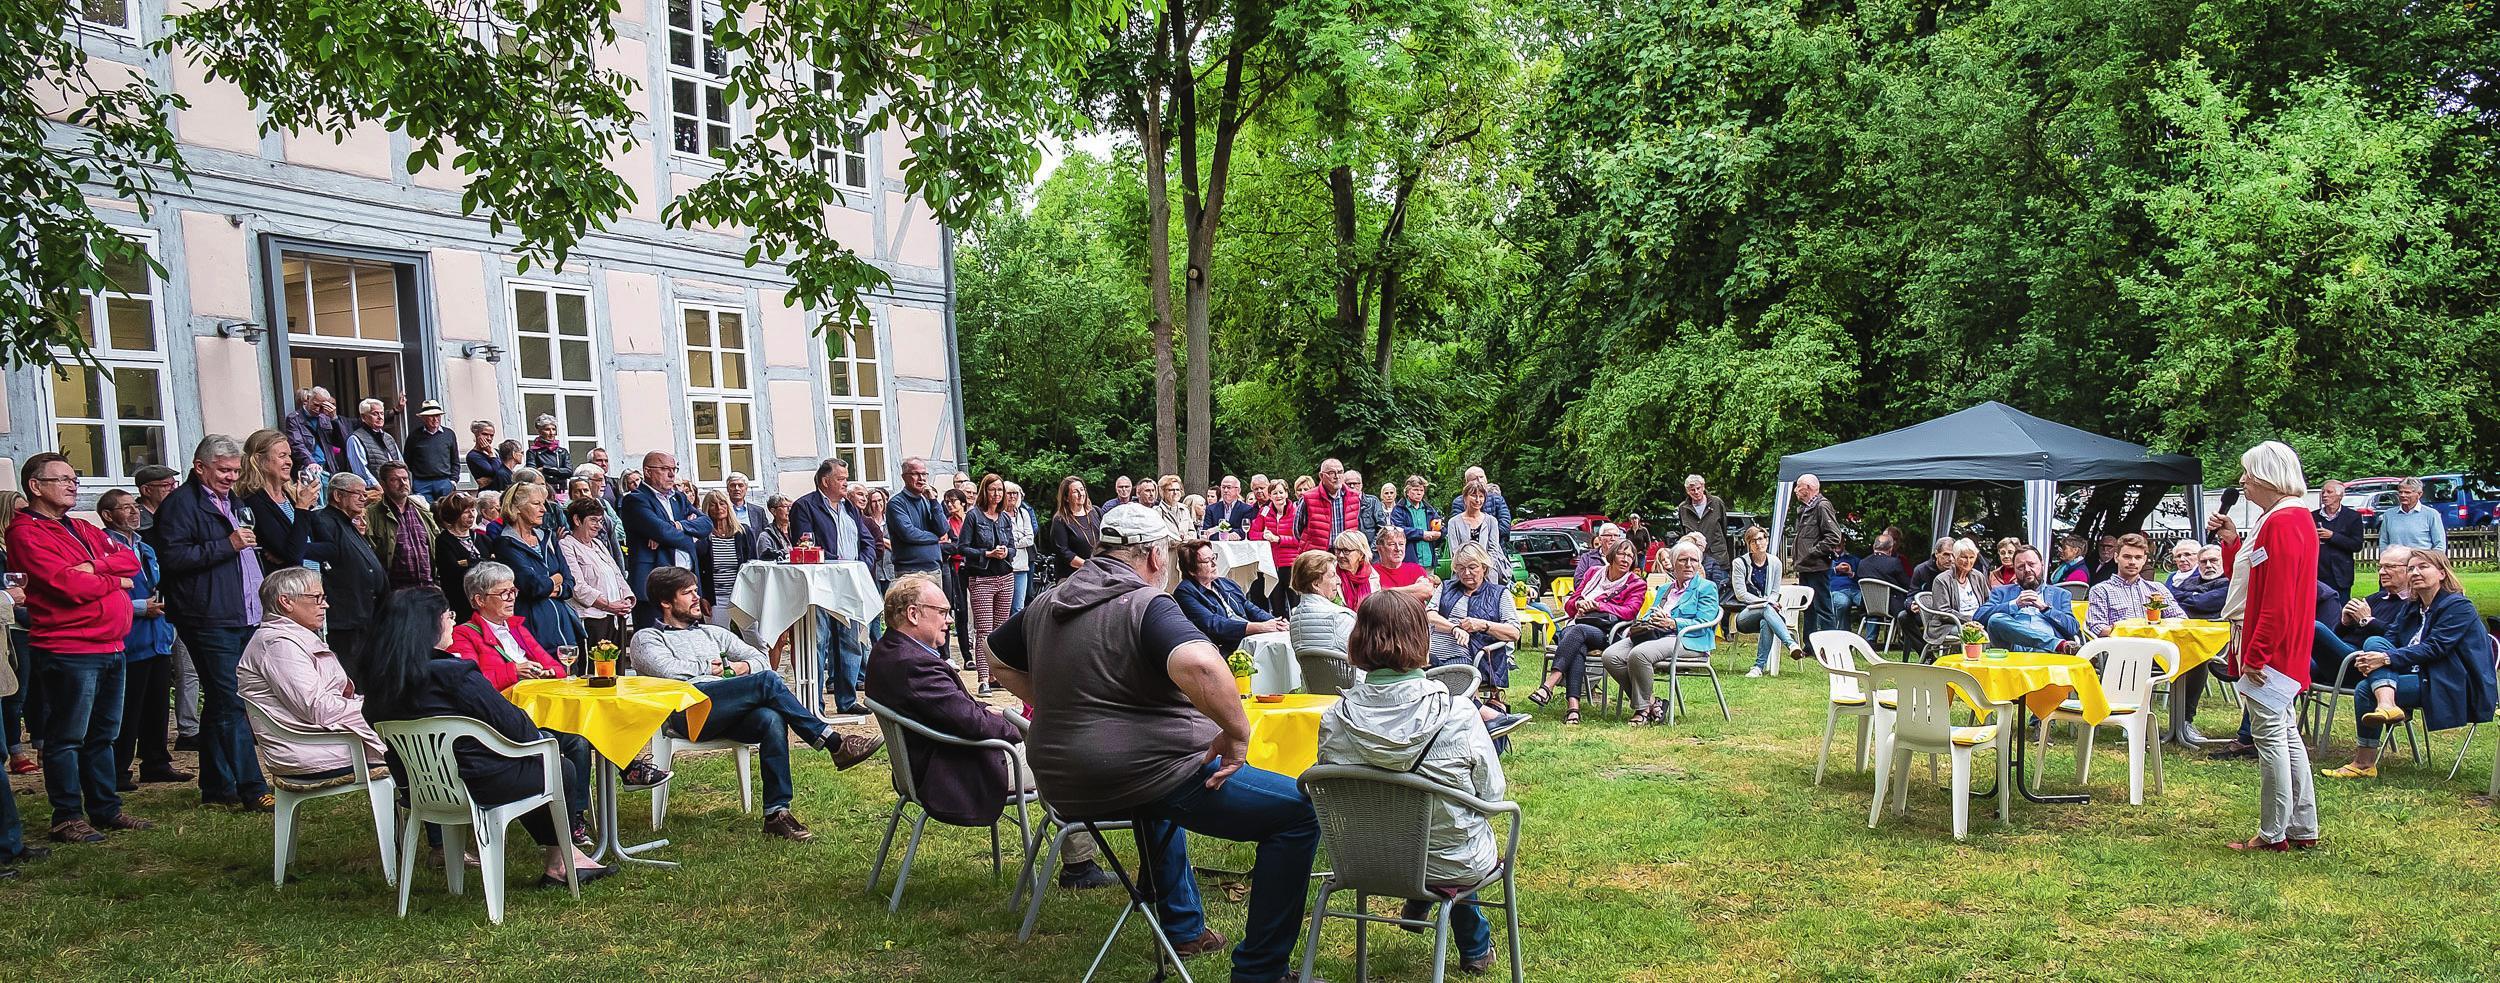 Die jährlich stattfindende Sommerakademie des Künstlerhauses hat sich längst zum Publikumsmagneten gemausert und zieht neben Hobbykünstlern auch viele Besucher an. Copyright Jaco van Schalkwyk, Copyright Rüdiger Rodlofft